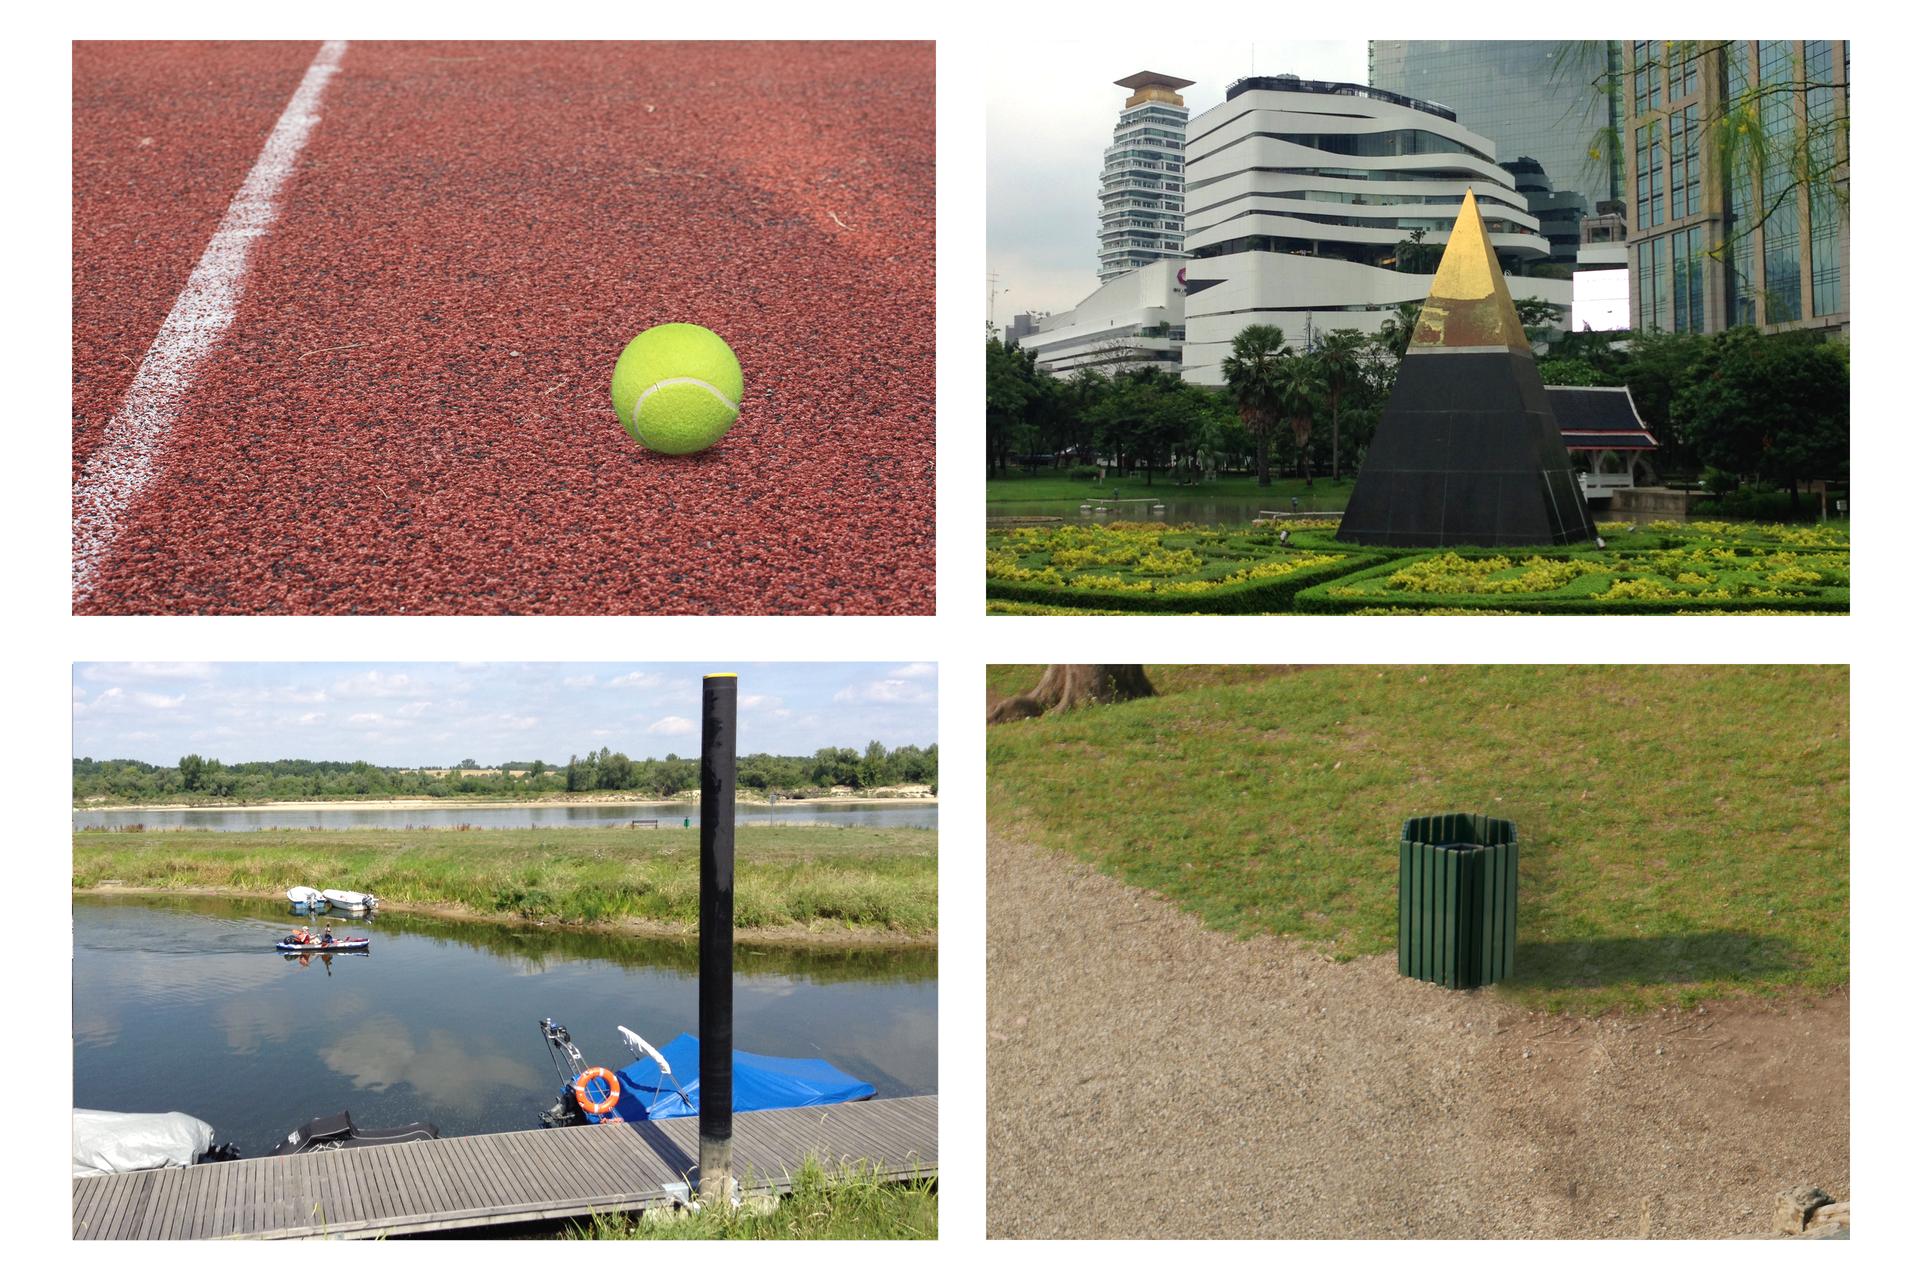 Zdjęcia przedstawiające piłkę tenisową, budowlę wkształcie ostrosłupa, metalowe beczki ikosz na śmieci wkształcie graniastosłupa.